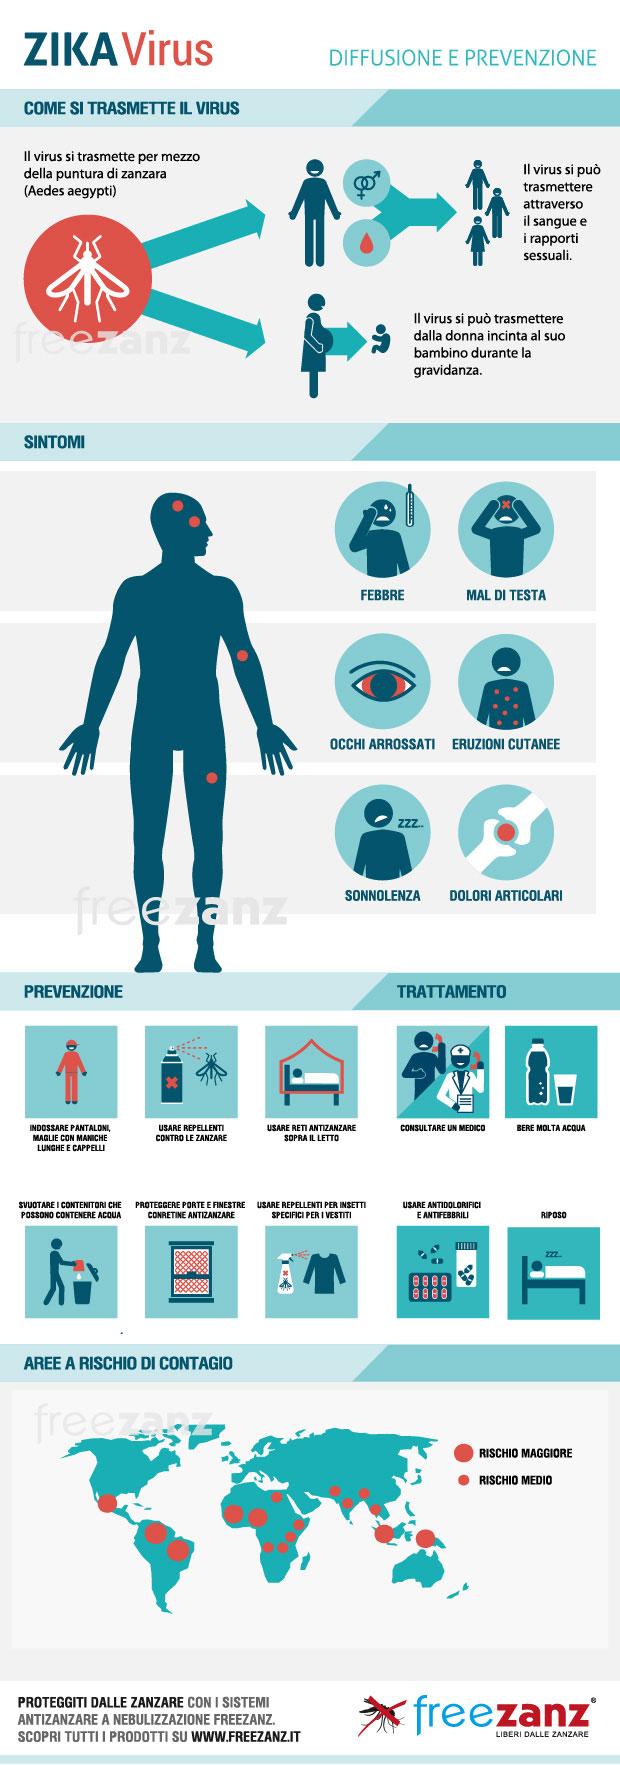 Zika Virus sintomi e come si trasmette